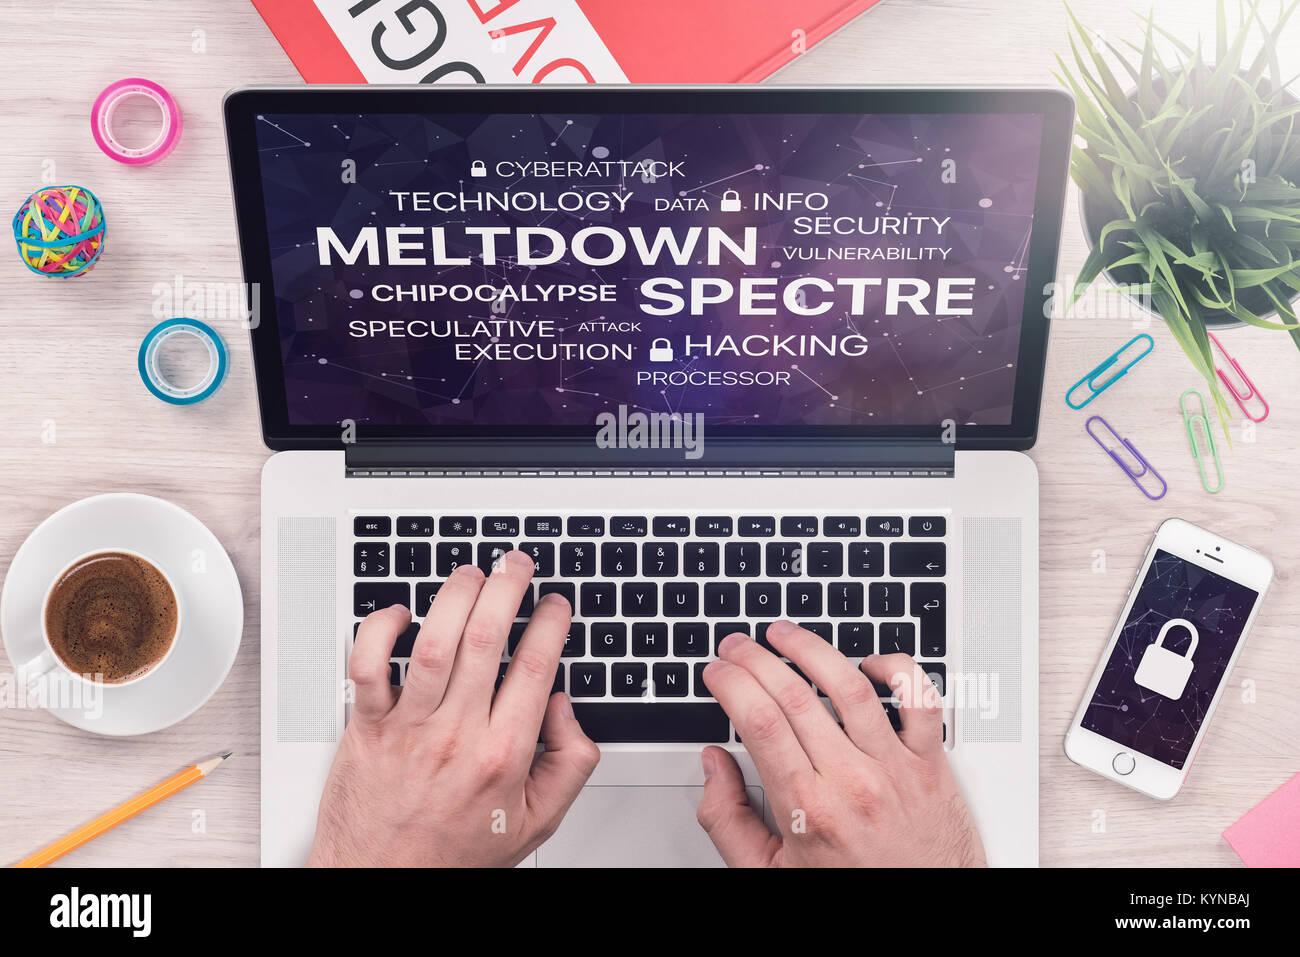 Deshielos y espectro amenaza concepto en vista superior de la pantalla del portátil con mans manos en la oficina. Imagen De Stock